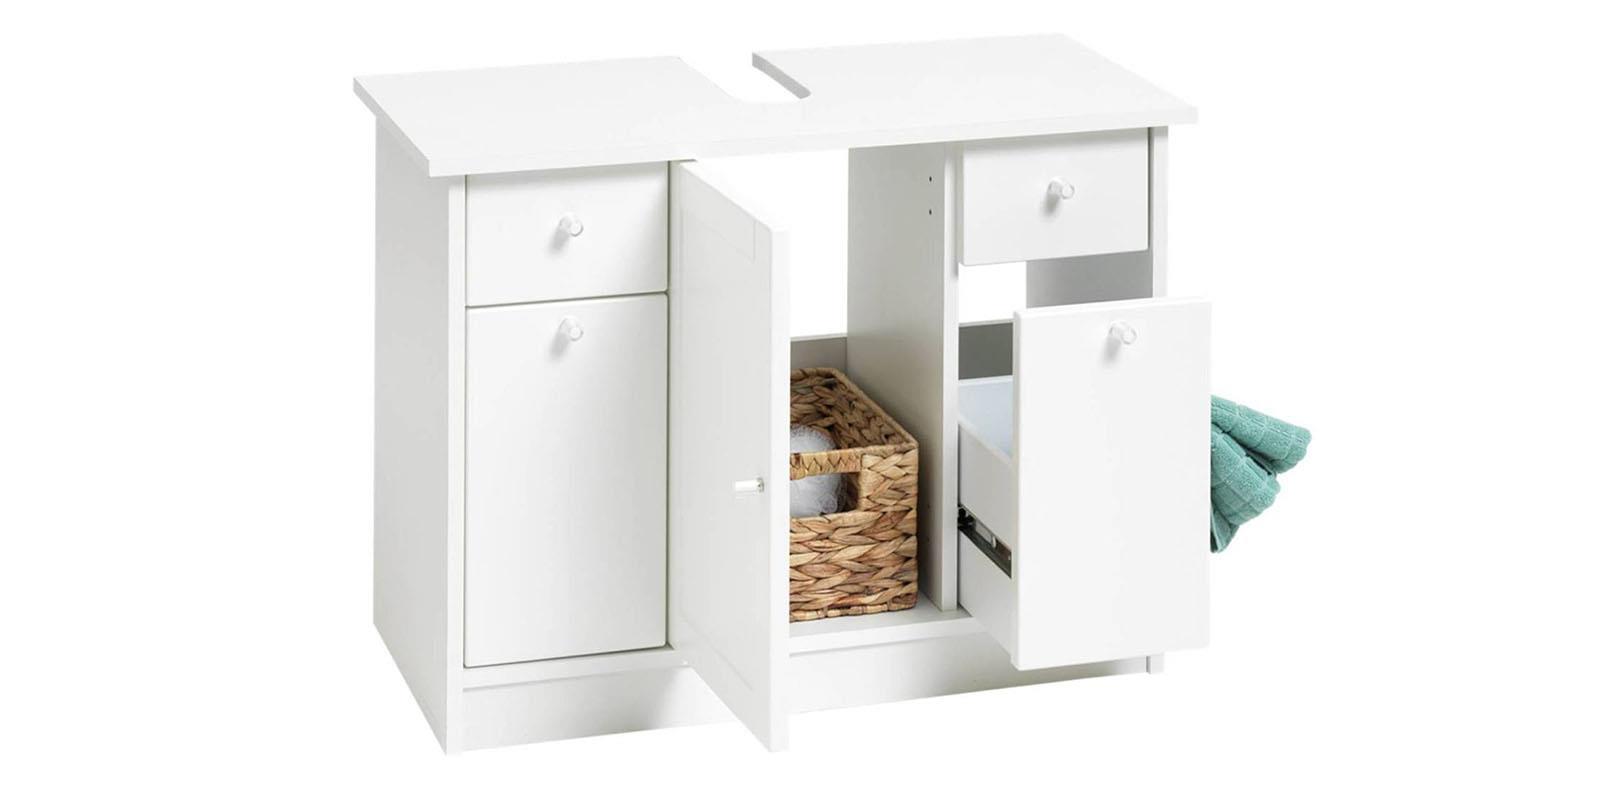 bad waschbeckenunterschrank weiss livarno living unterschrank badezimmer ebay. Black Bedroom Furniture Sets. Home Design Ideas